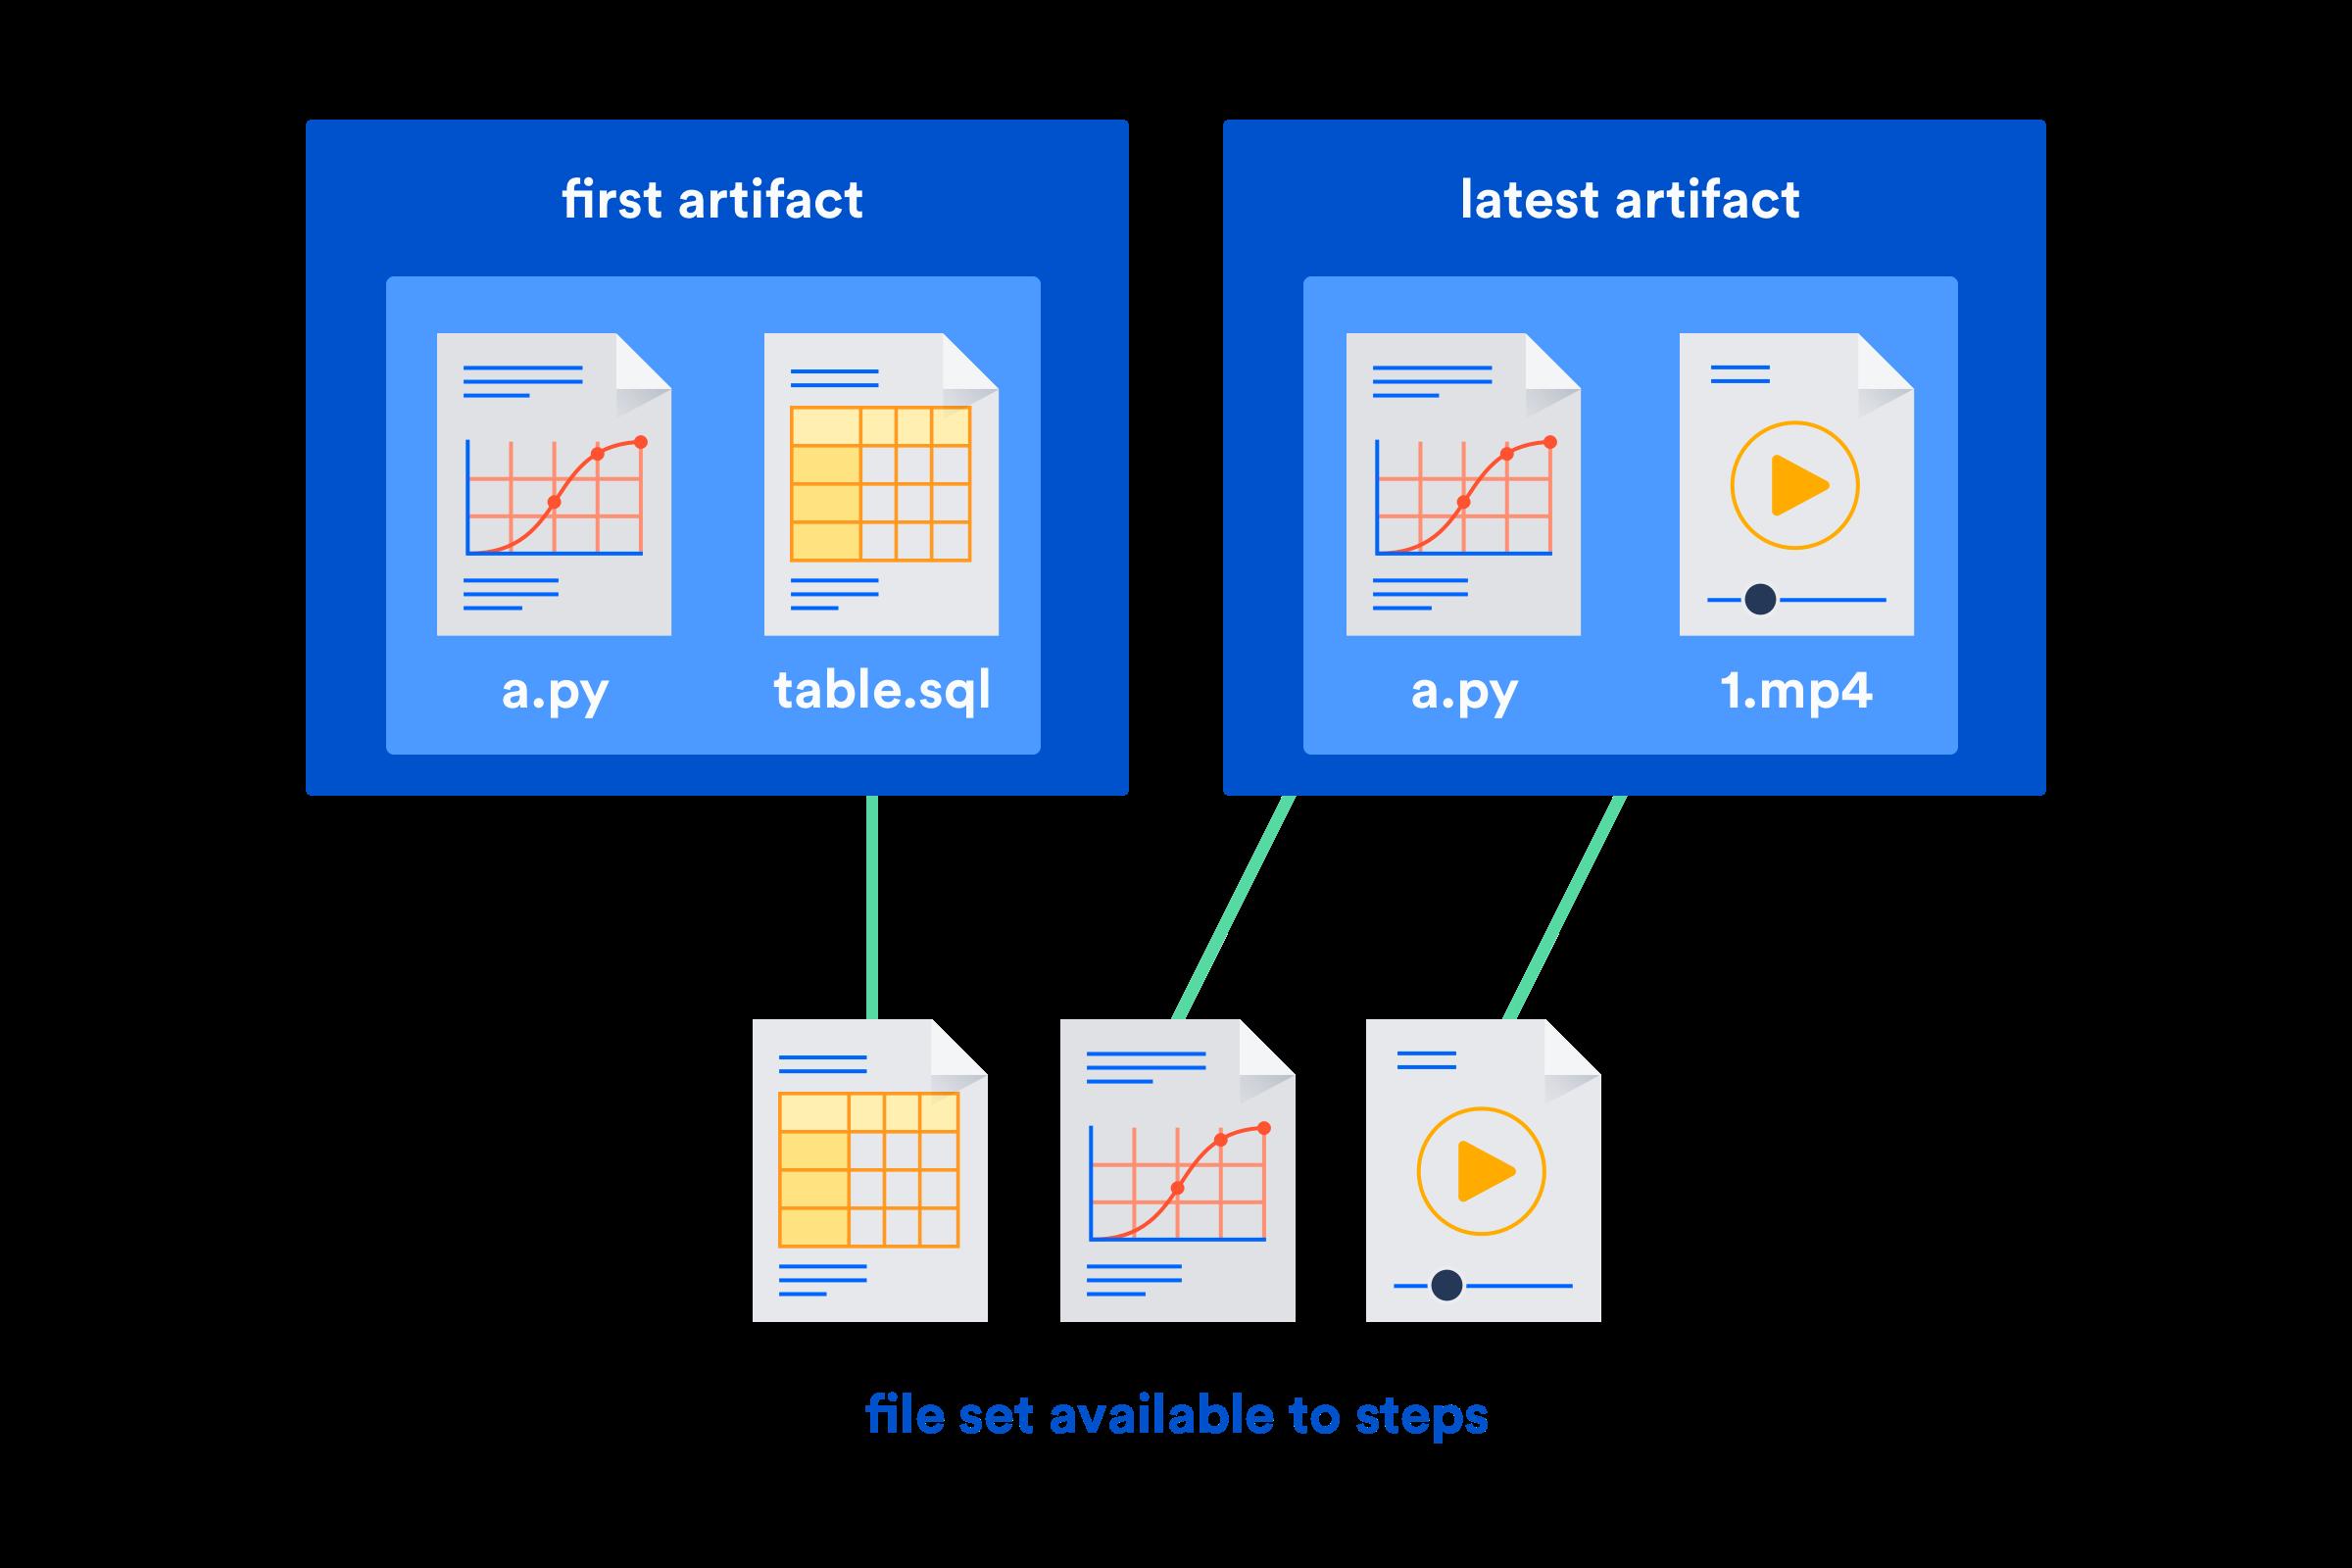 最新バージョンのファイルの優先を示すイメージ